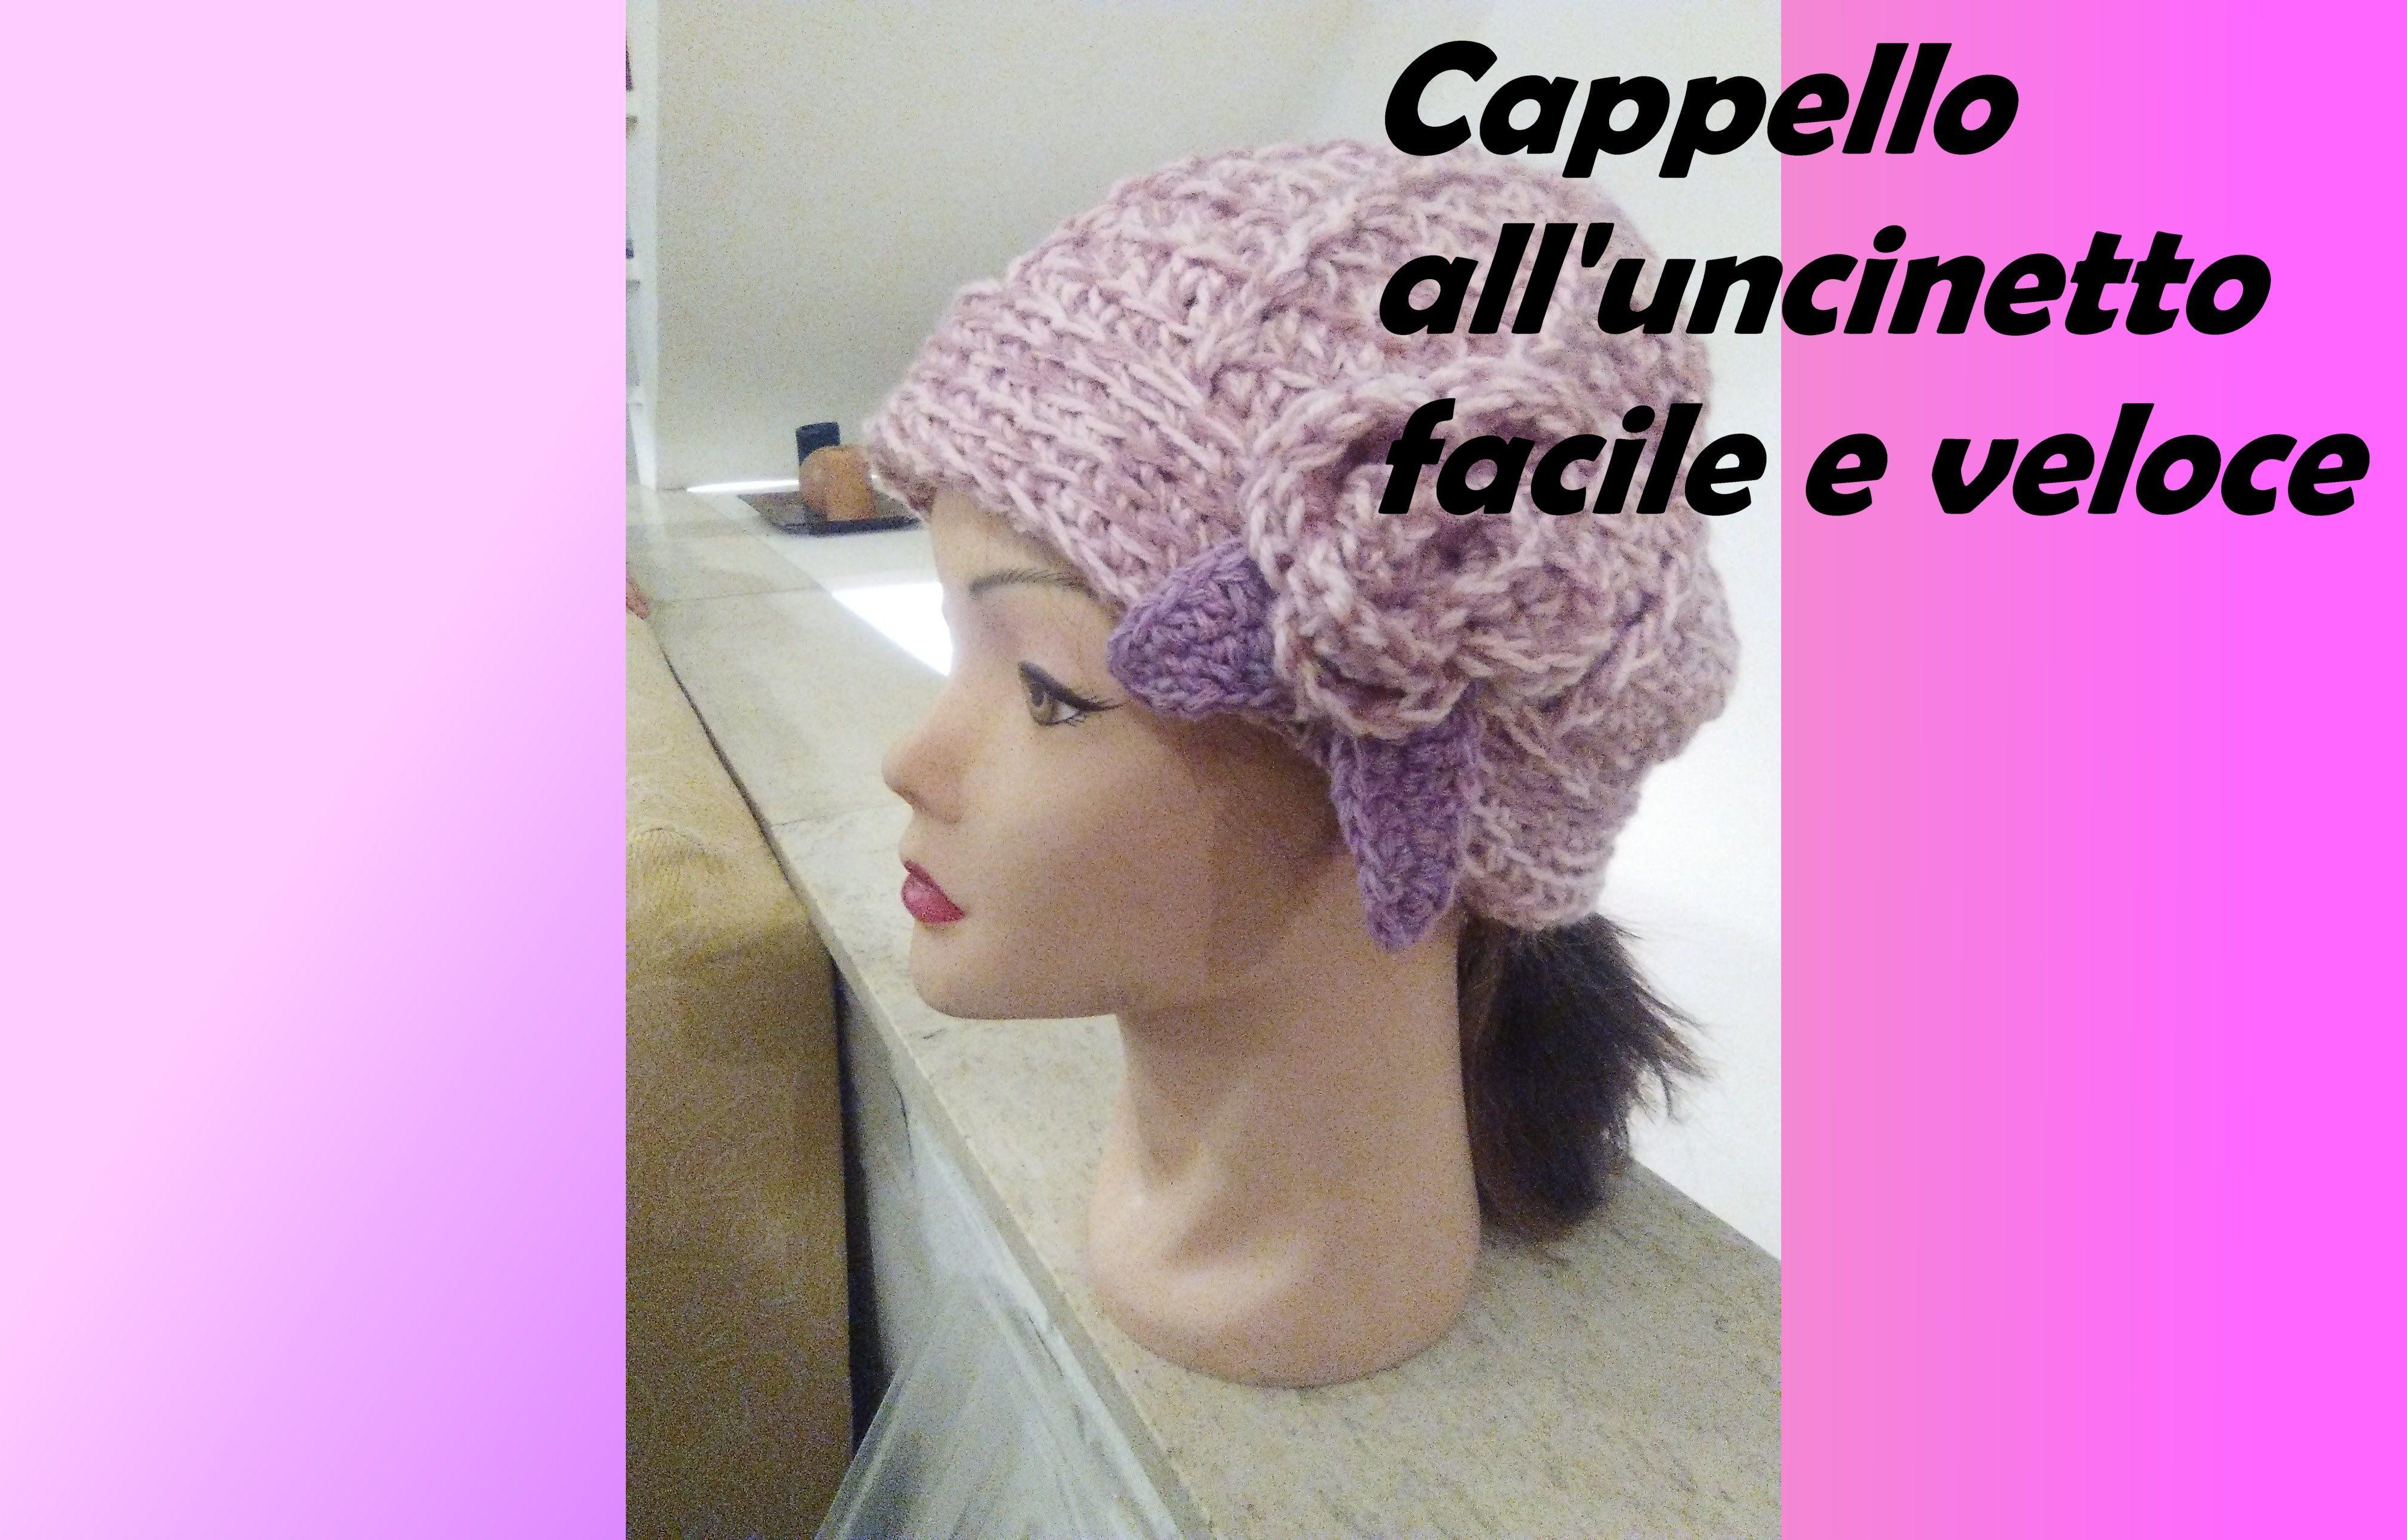 Cappello Alluncinetto Facile E Veloce Crochet Hat Very Easy And